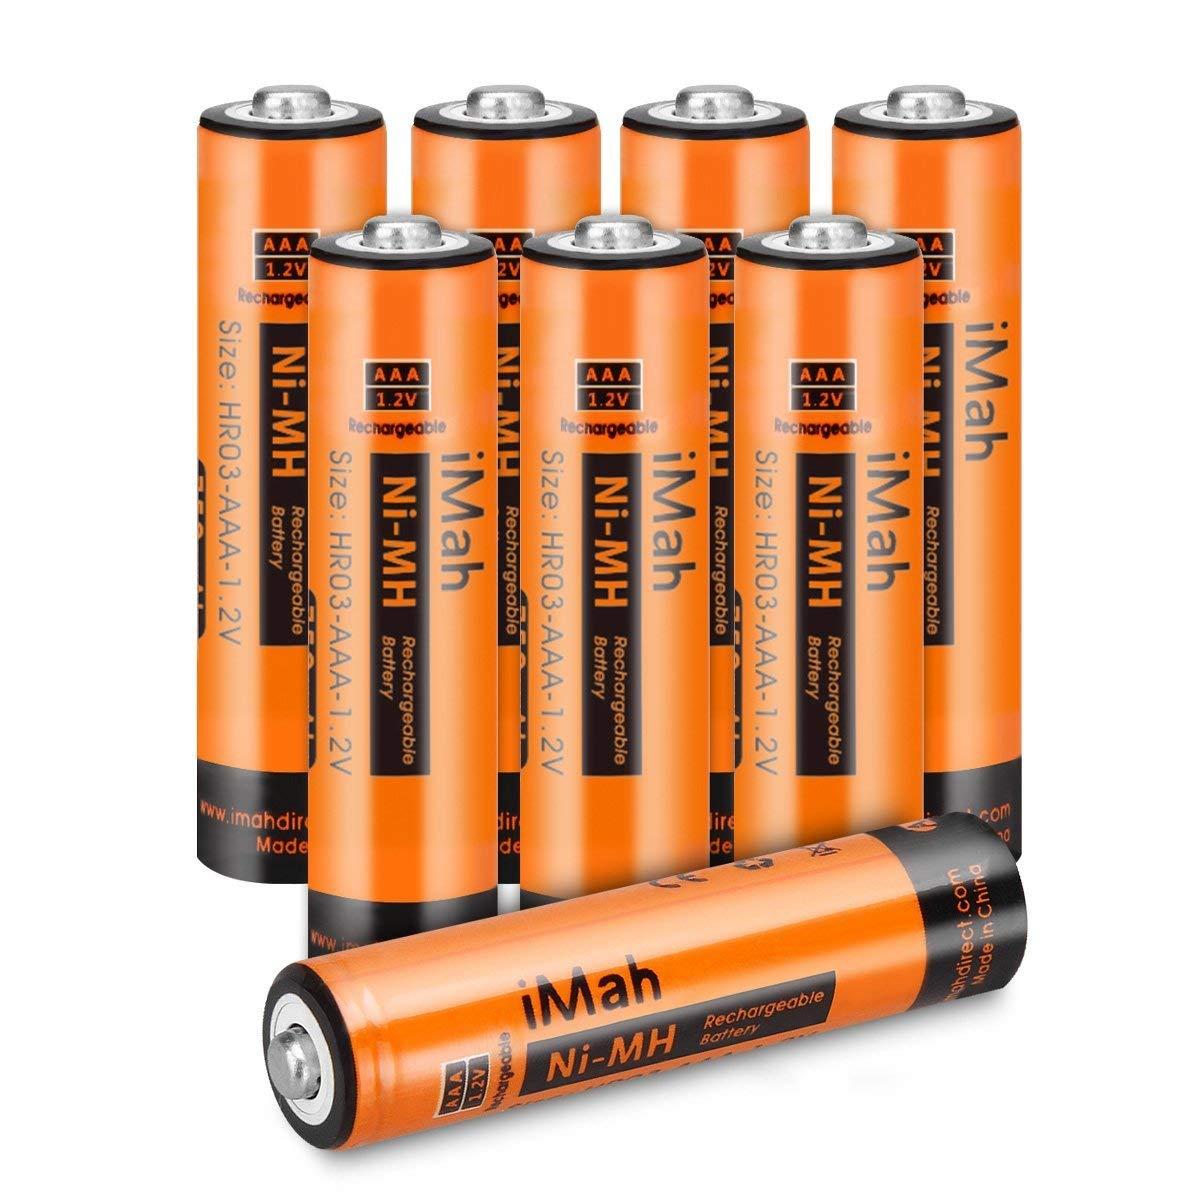 Pack De 8 Baterias Recargables Aaa 550 Mah, Imah